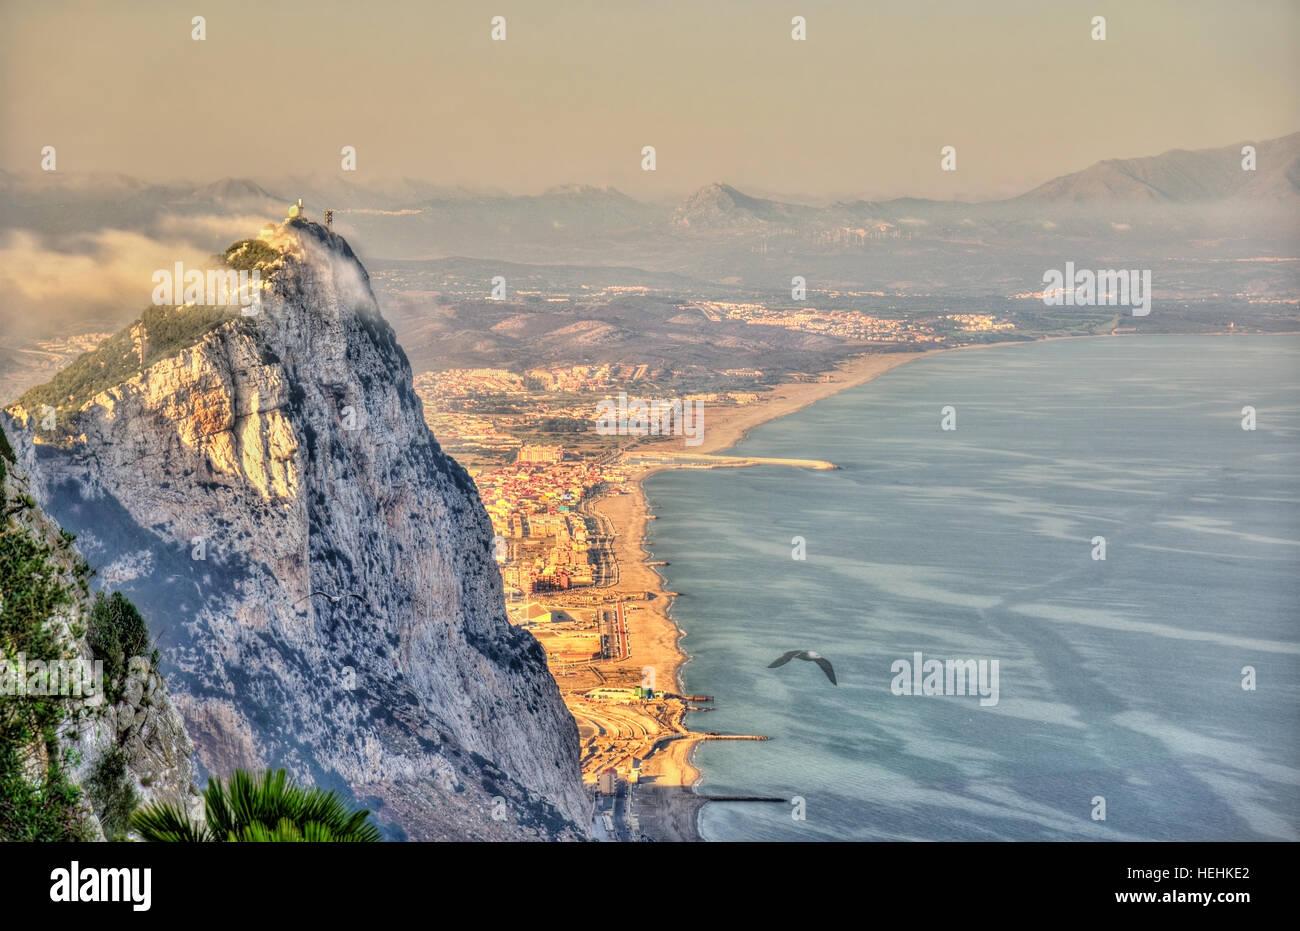 Peñón de Gibraltar en la niebla. Un territorio británico de ultramar Imagen De Stock